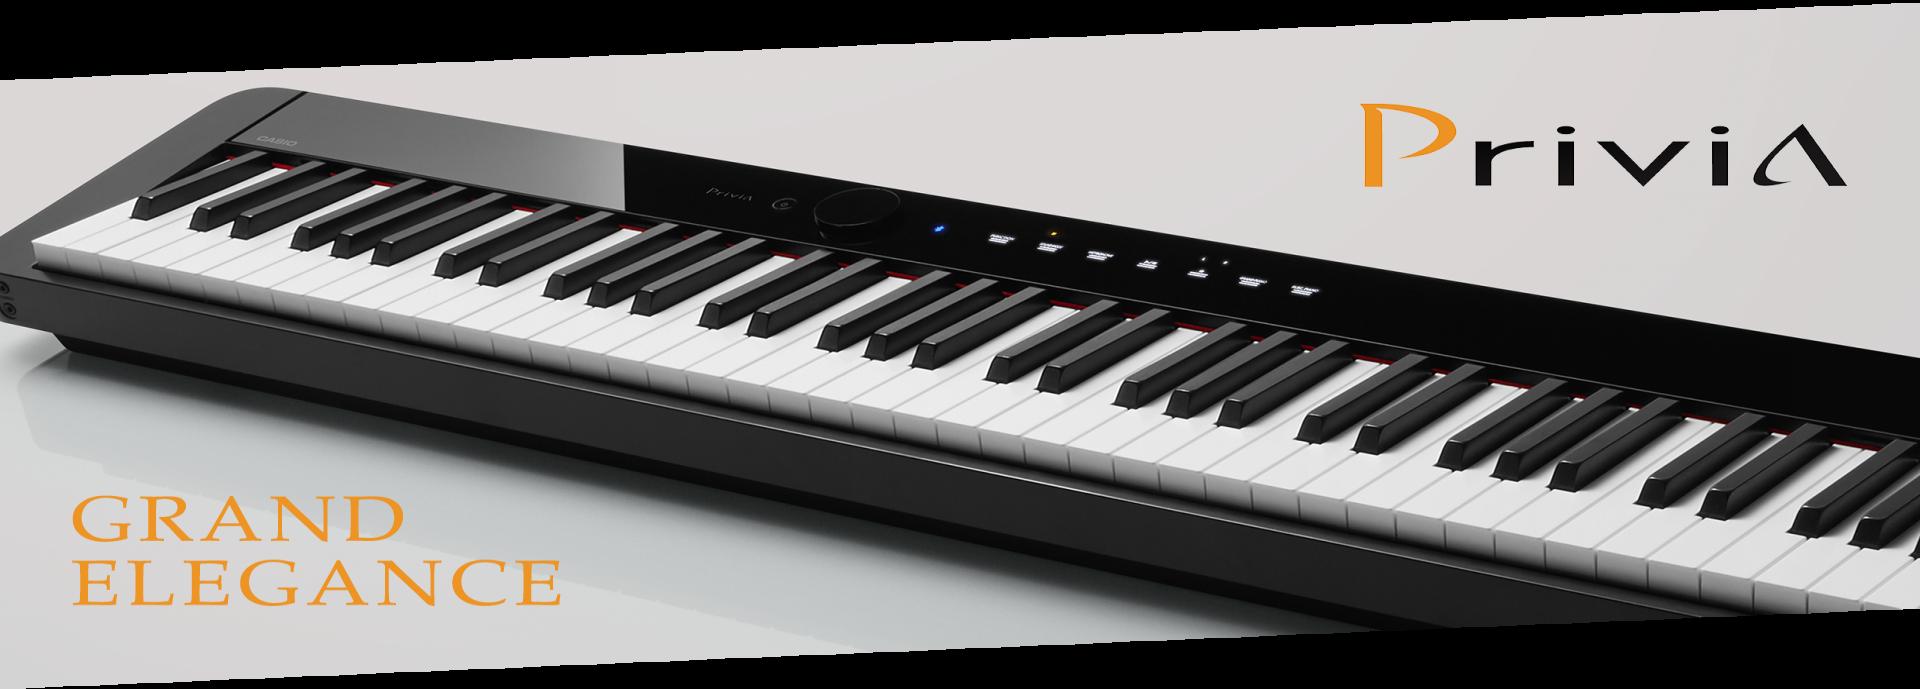 Privia Stage Piano